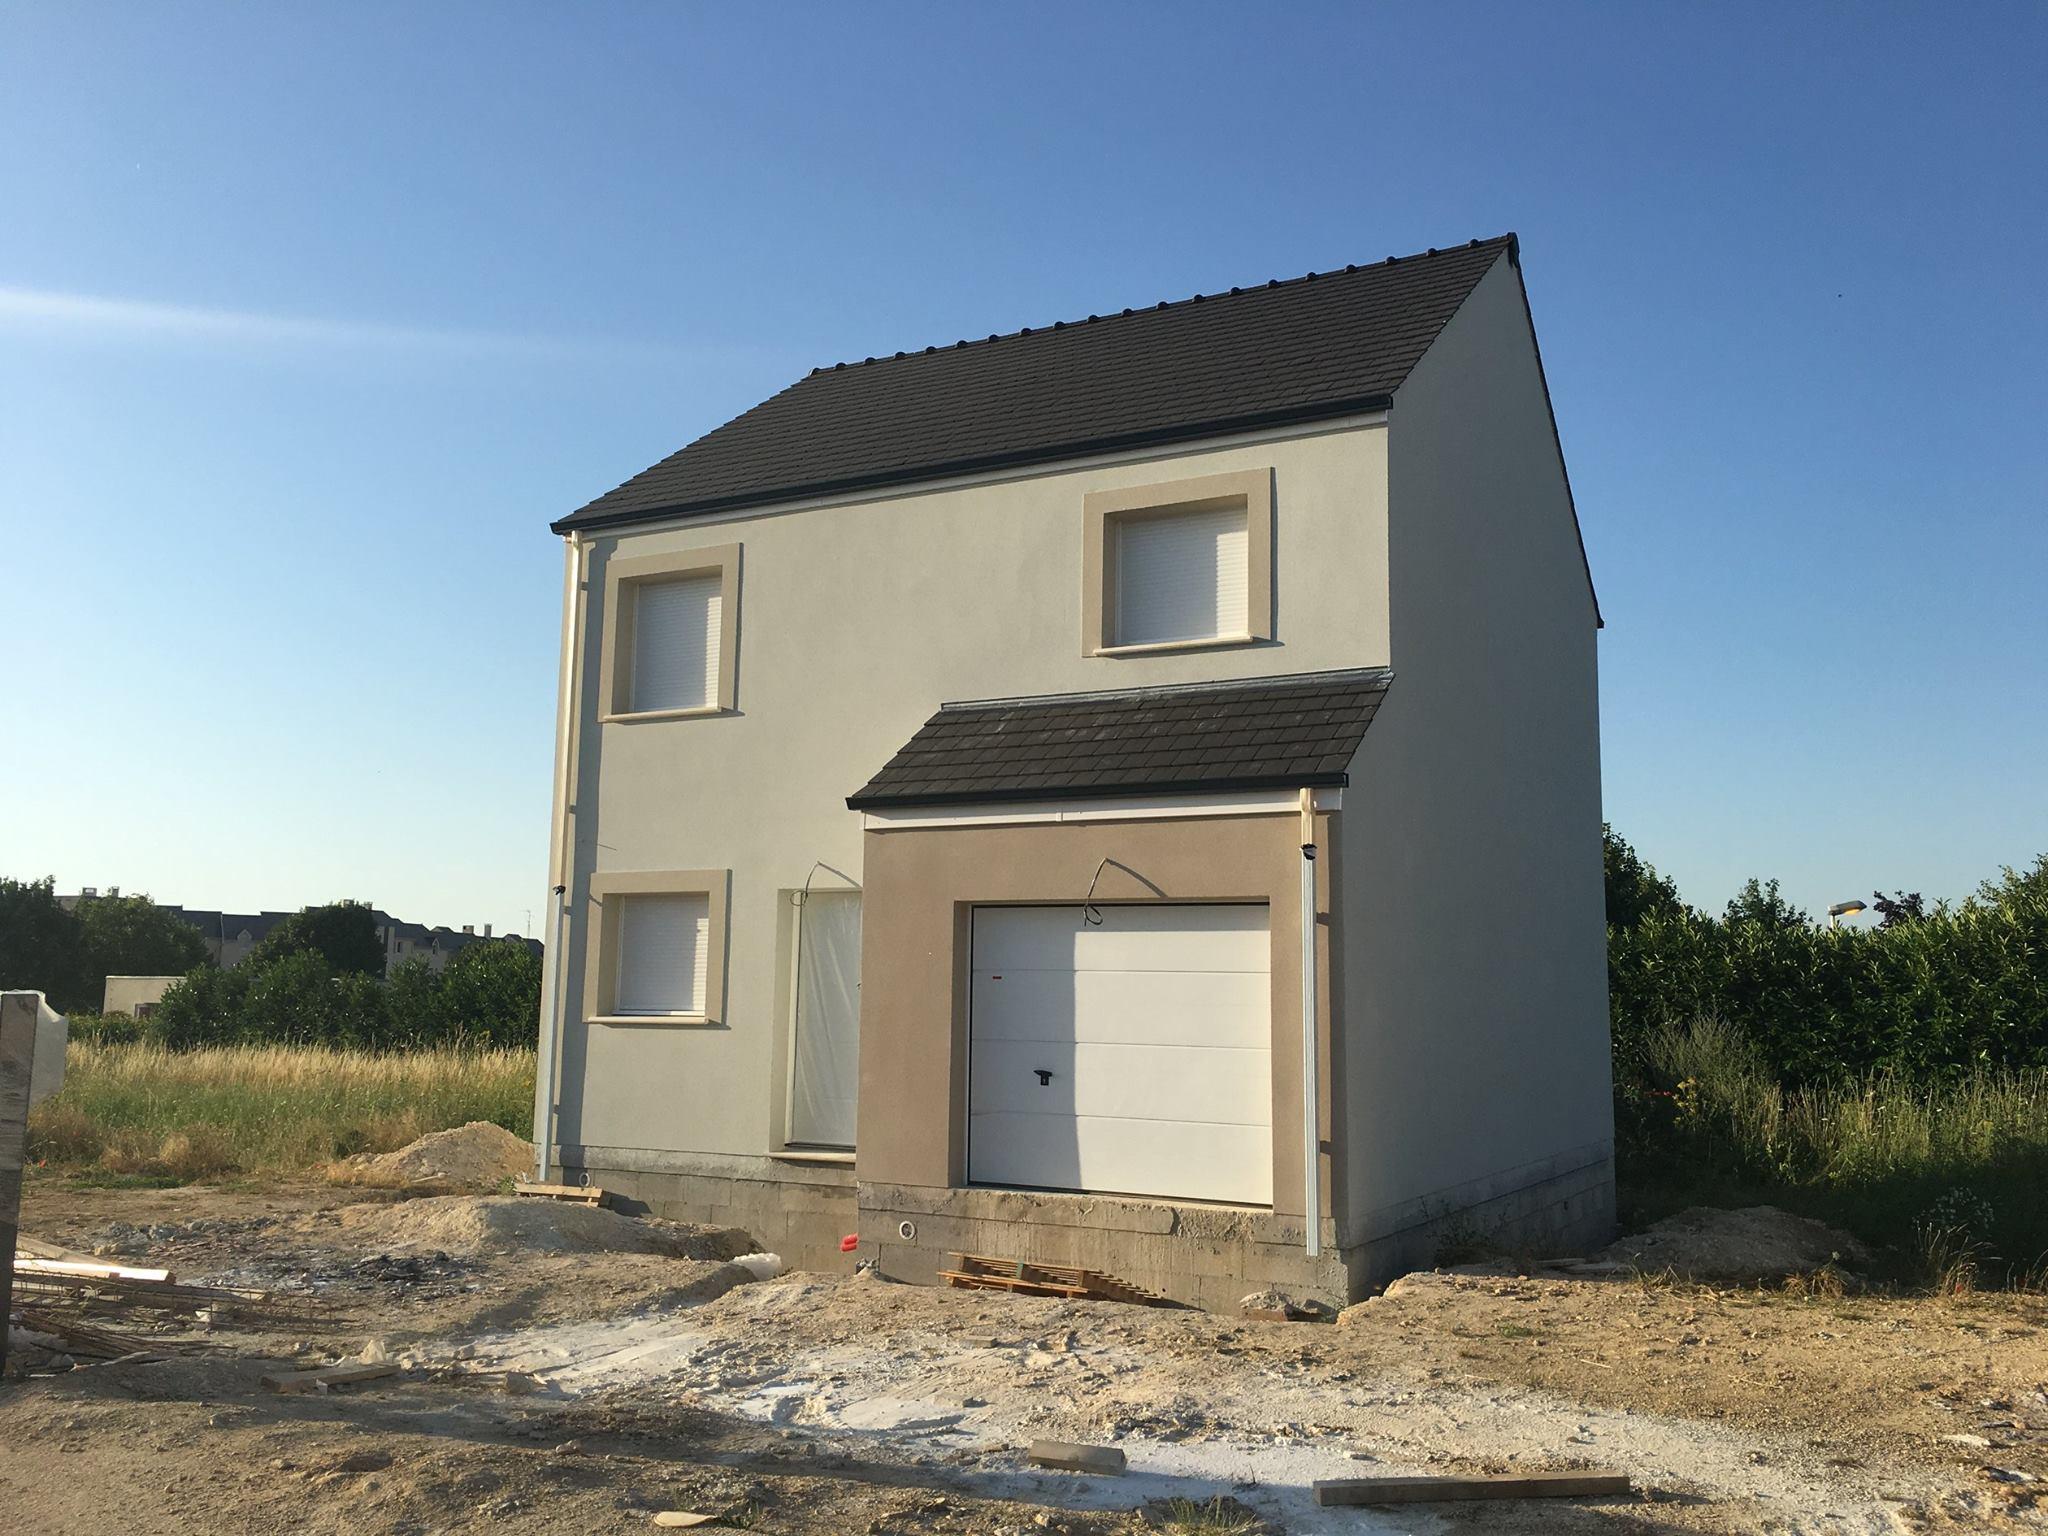 Maison + terrain à AULNAY-SOUS-BOIS 93600 dans la SEINE SAINT DENIS